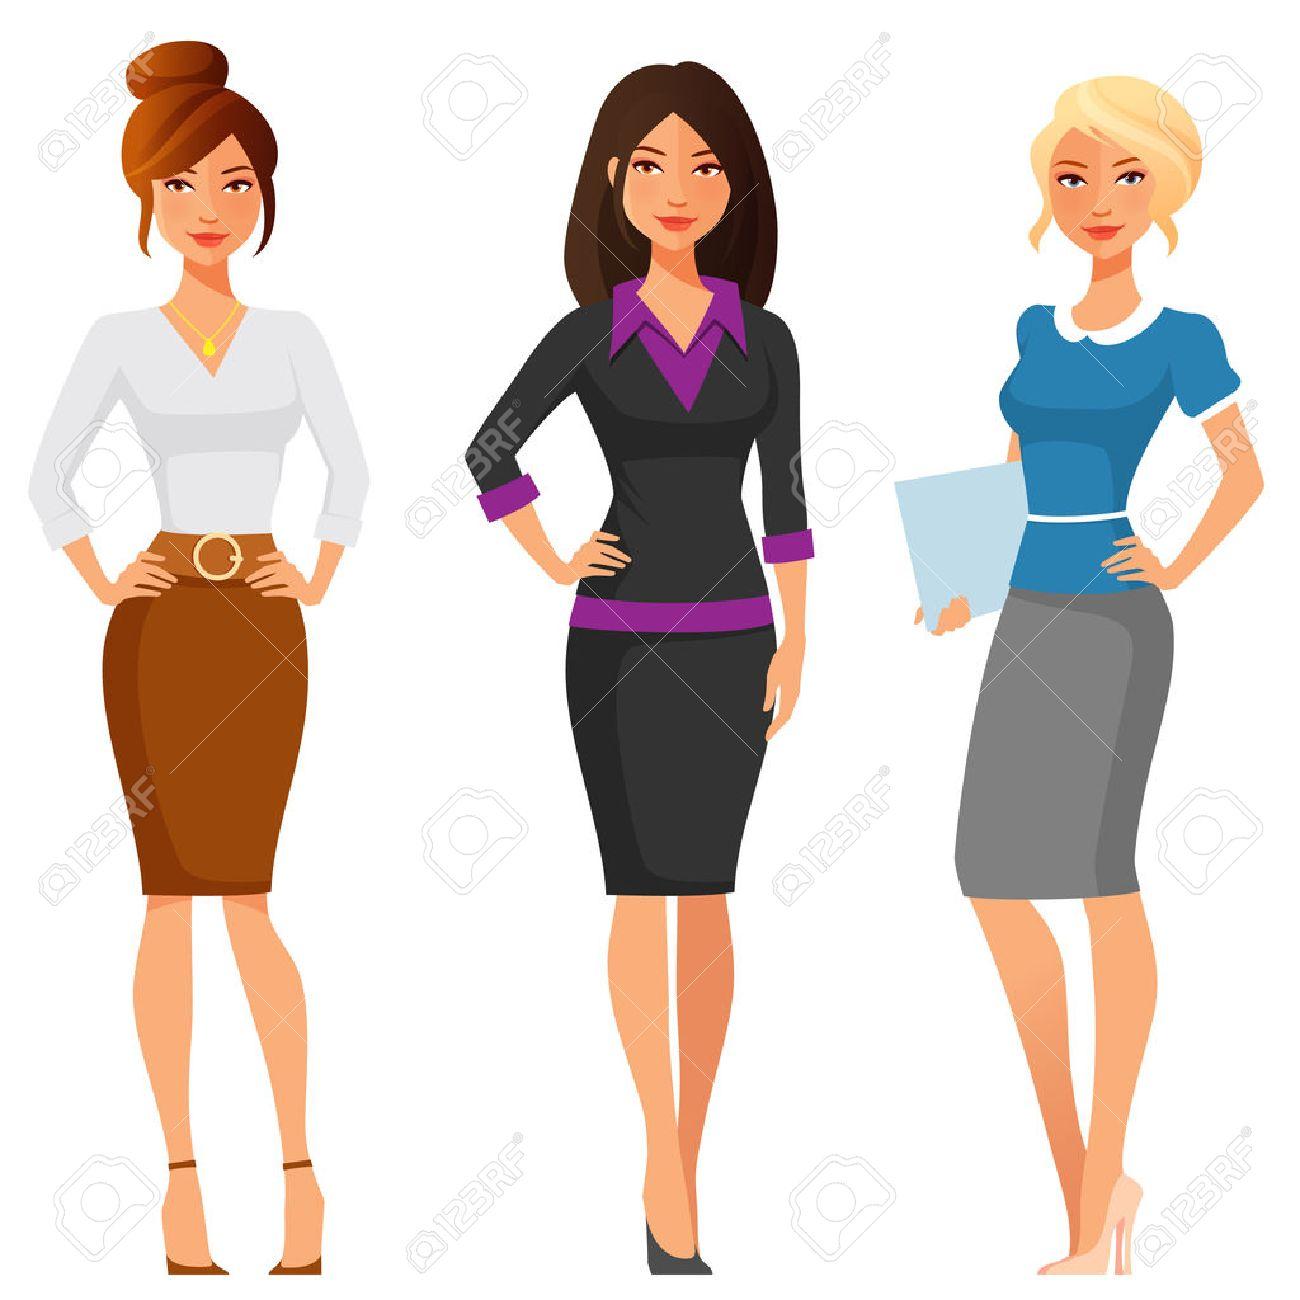 Attraktive Junge Frauen In Eleganten Buro Kleidung Lizenzfrei Nutzbare Vektorgrafiken Clip Arts Illustrationen Image 49109869